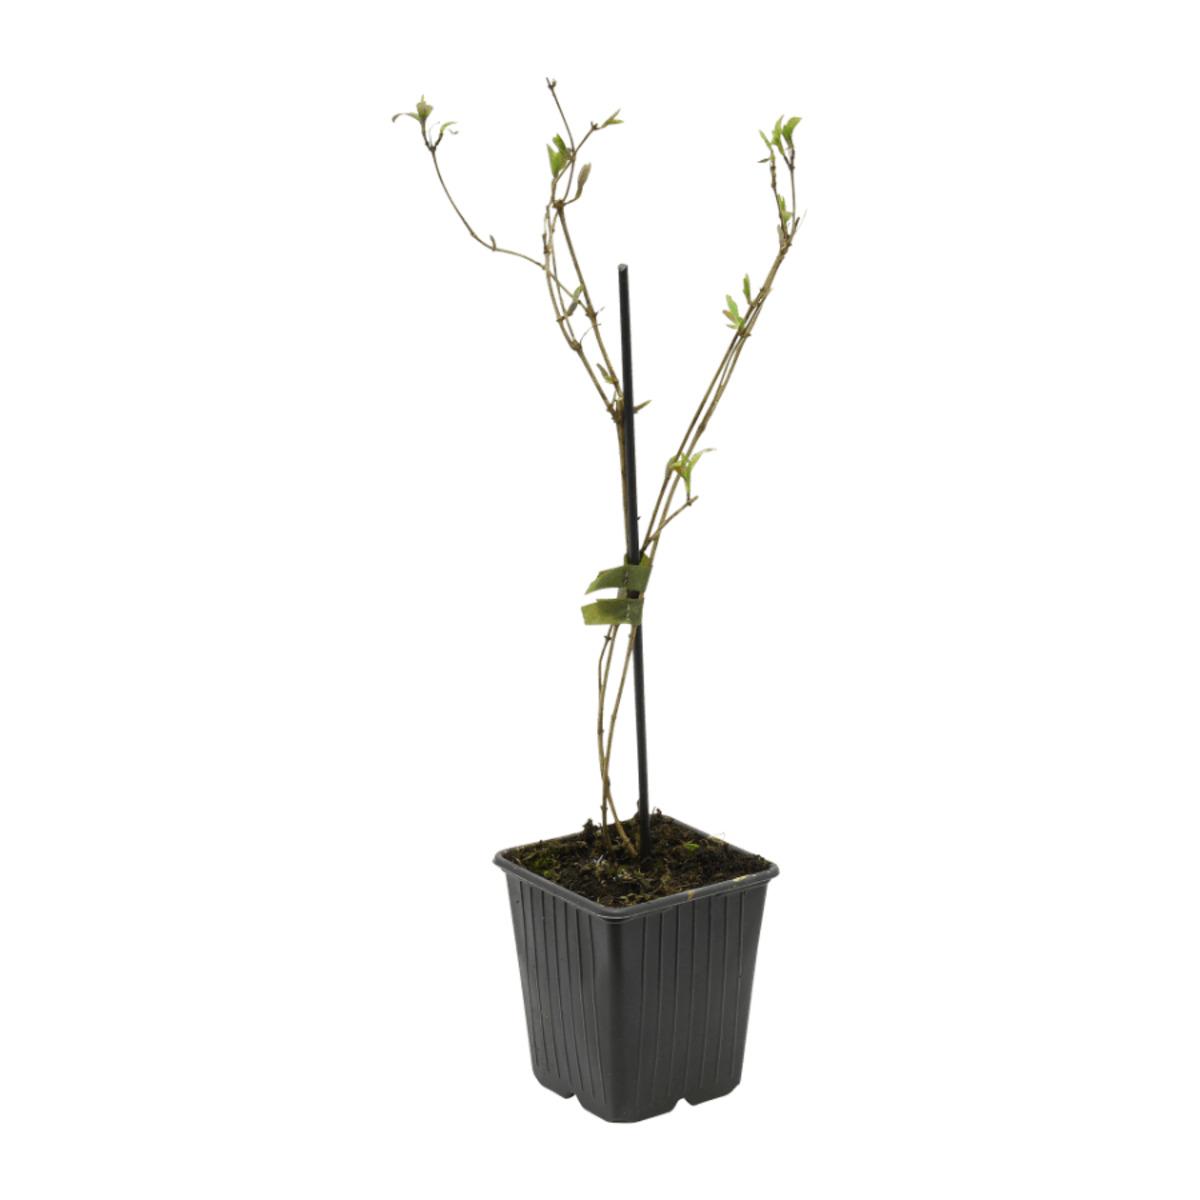 Bild 5 von GARDENLINE     Rankpflanze